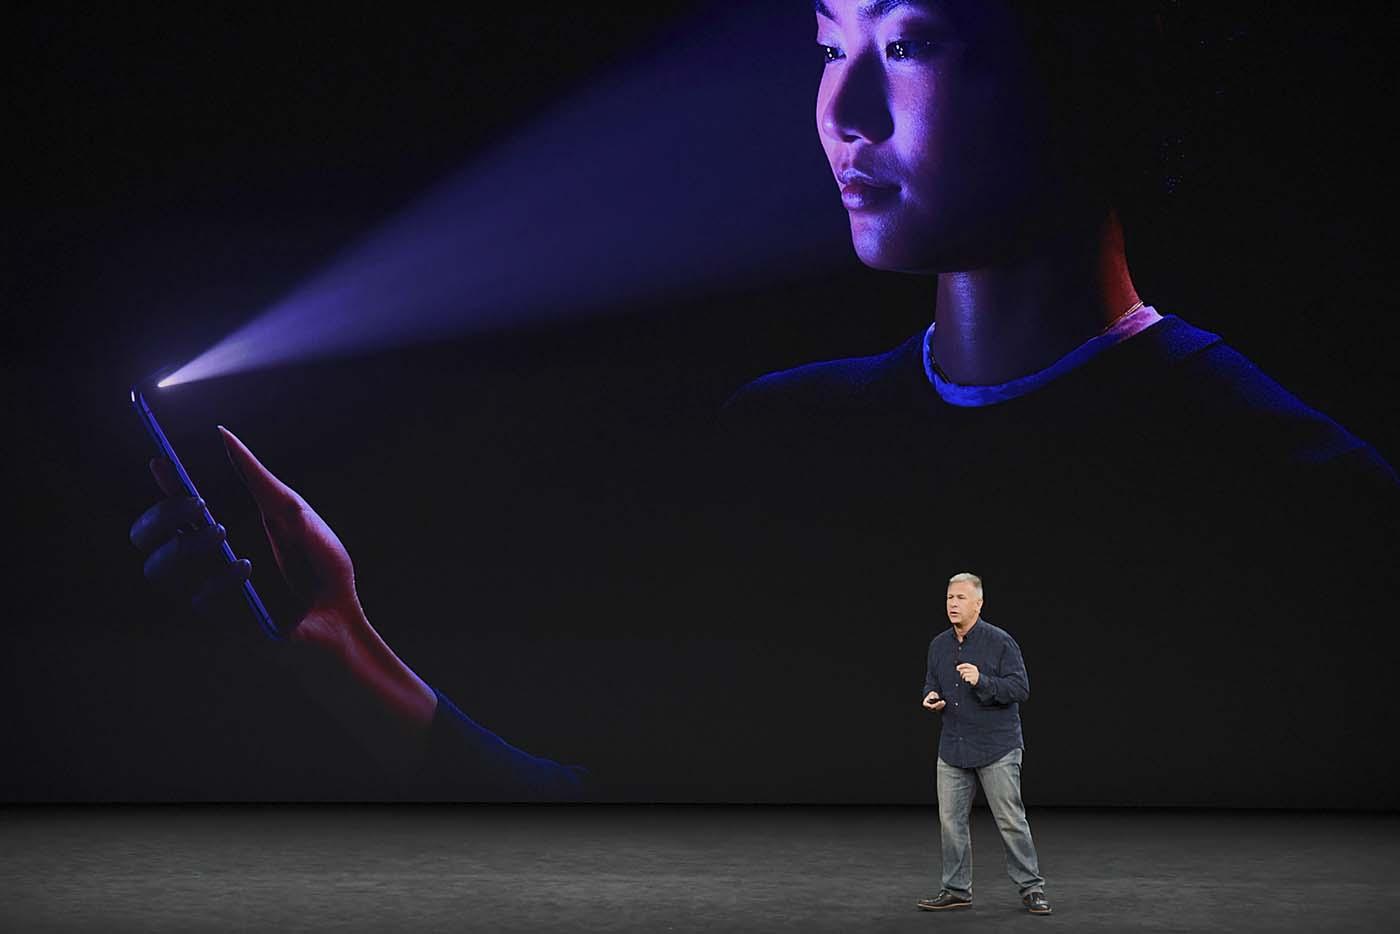 Phill Schiller fue el encargado de presentar el nuevo sistema Face ID del iPhone X el pasado mes de septiembre